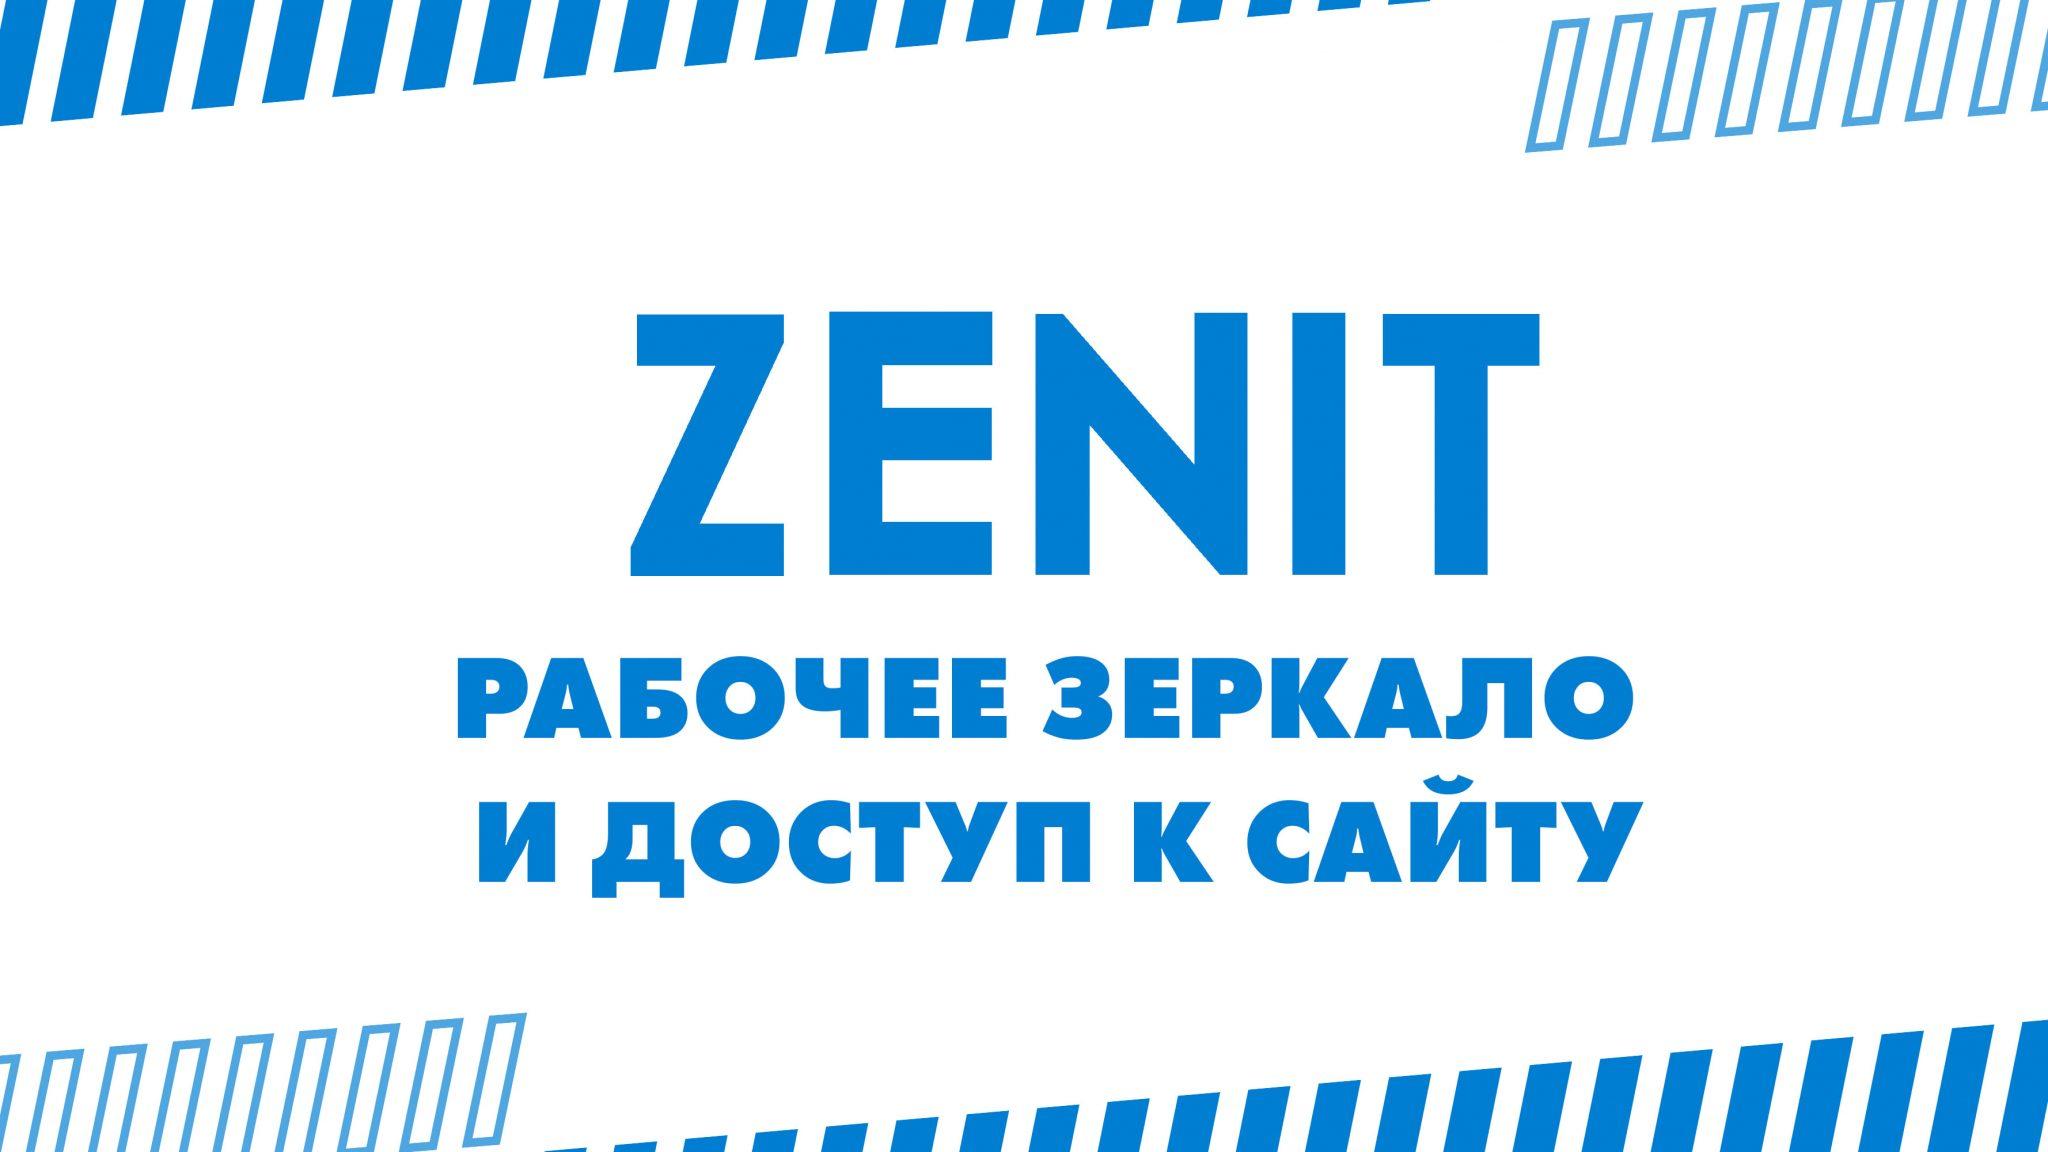 БК Zenitbet рабочее зеркало и доступ к сайту